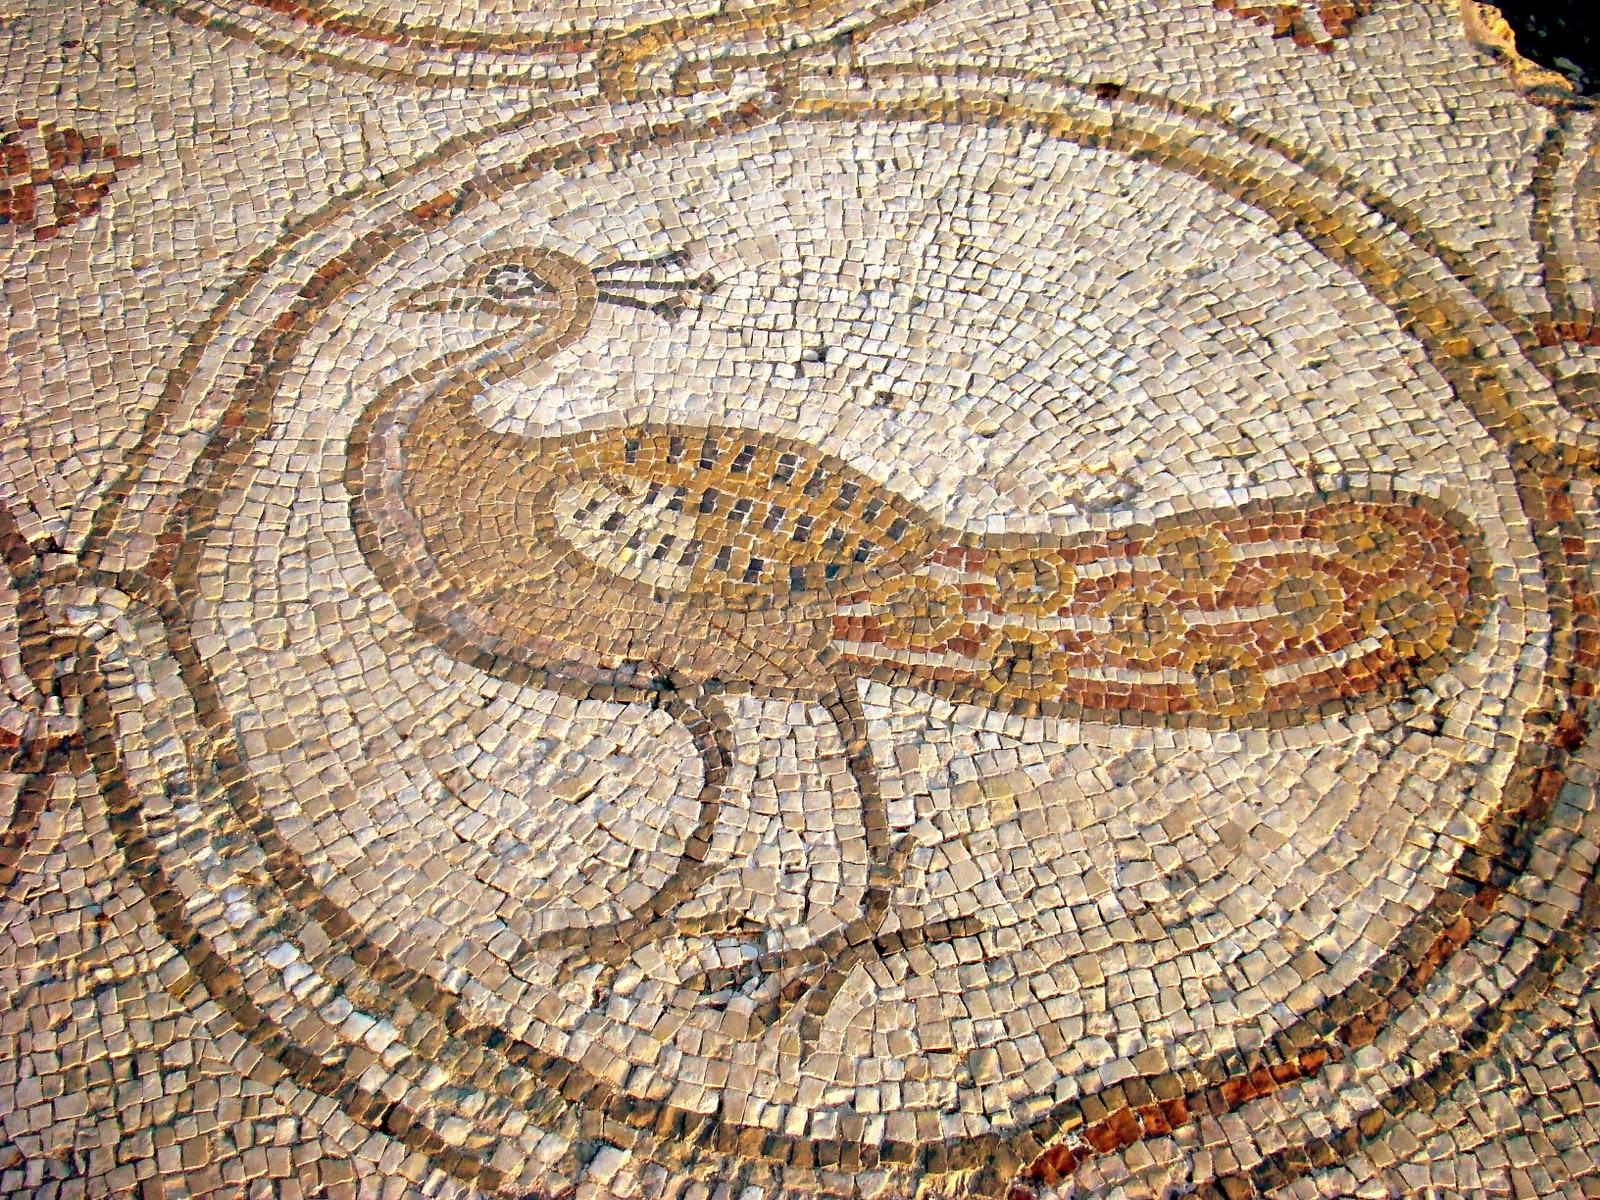 PazzaPazza: BIRD MOSAIC